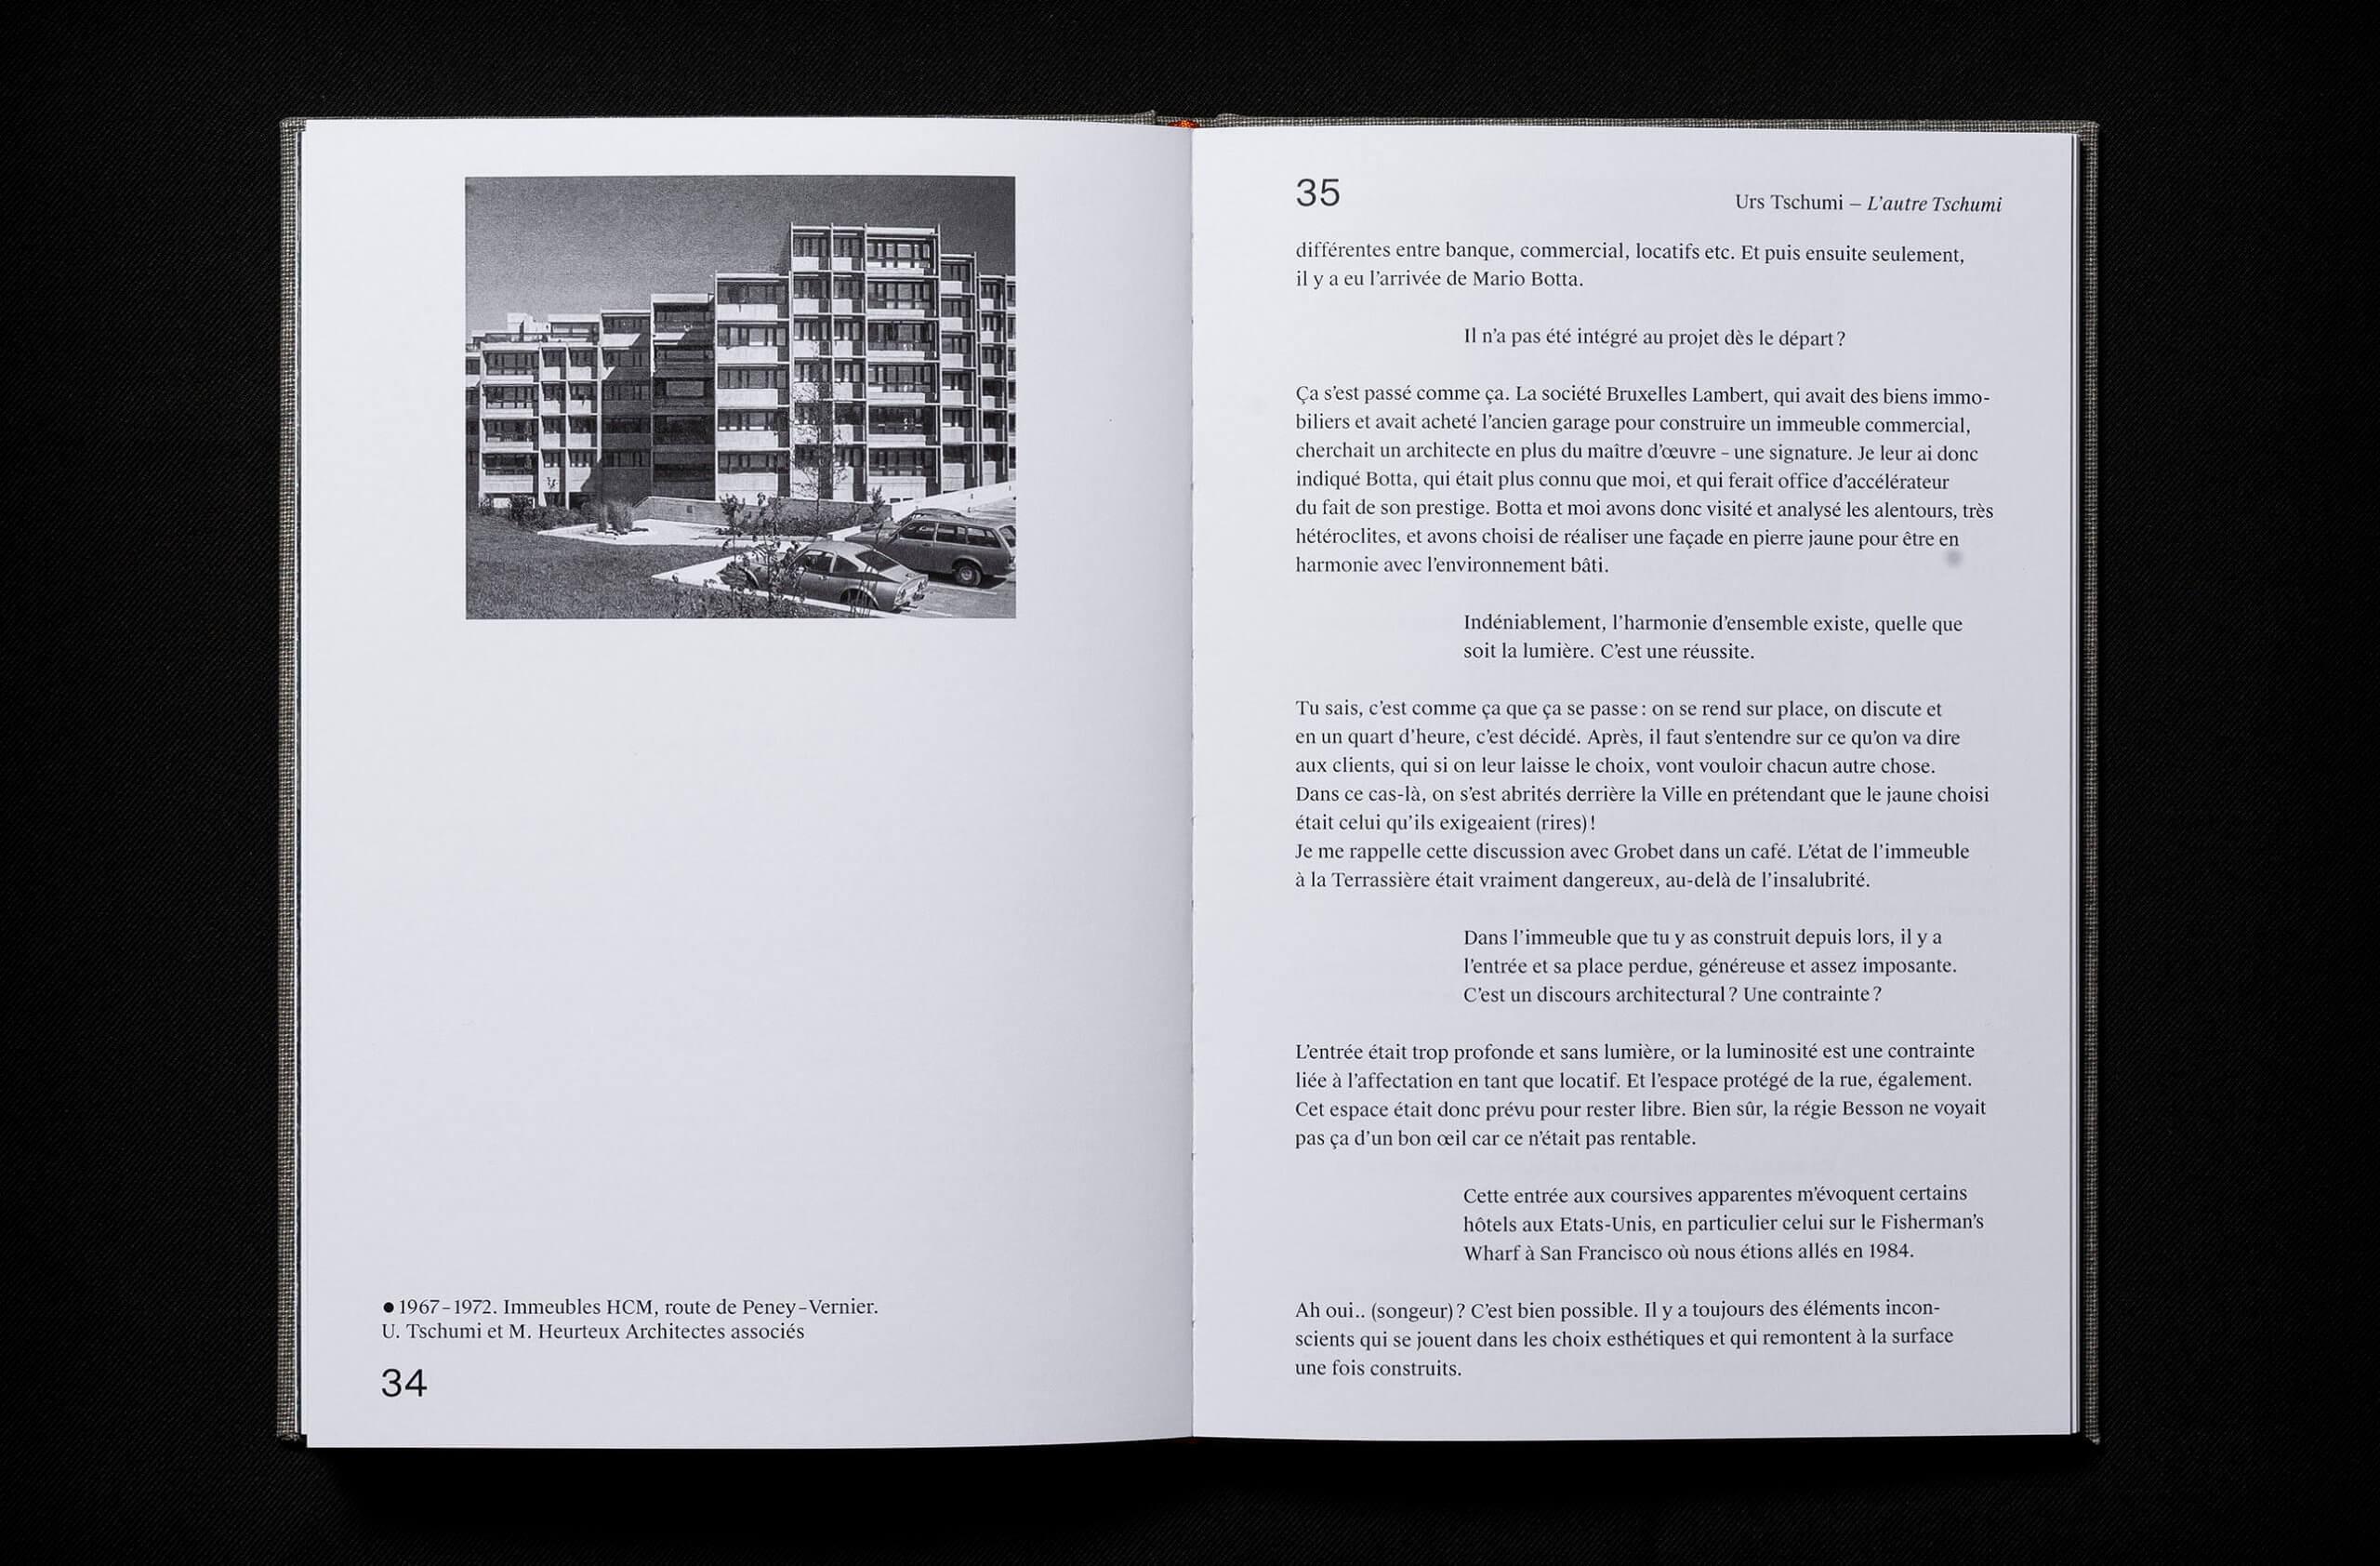 UT_book_6